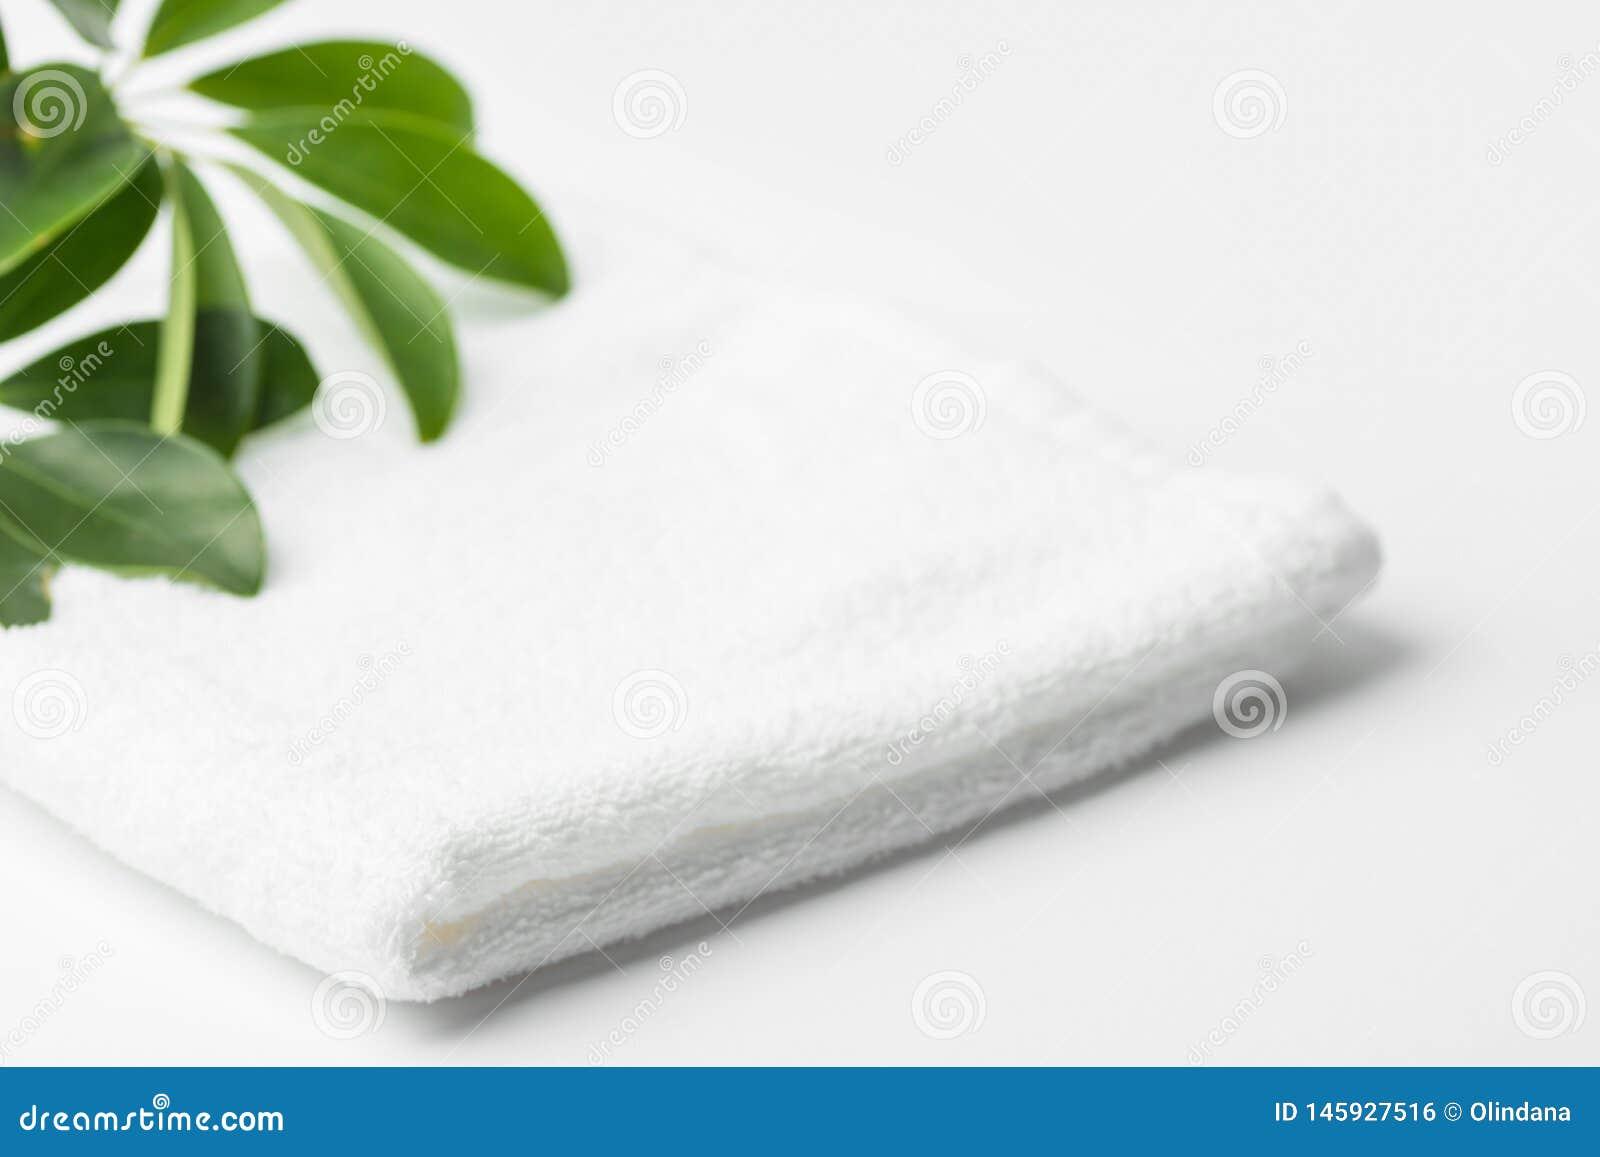 Gevouwen schone witte pluizige groene het huisinstallatie van de badstofhanddoek in badkamers Minimalistische luchtige stijl Van